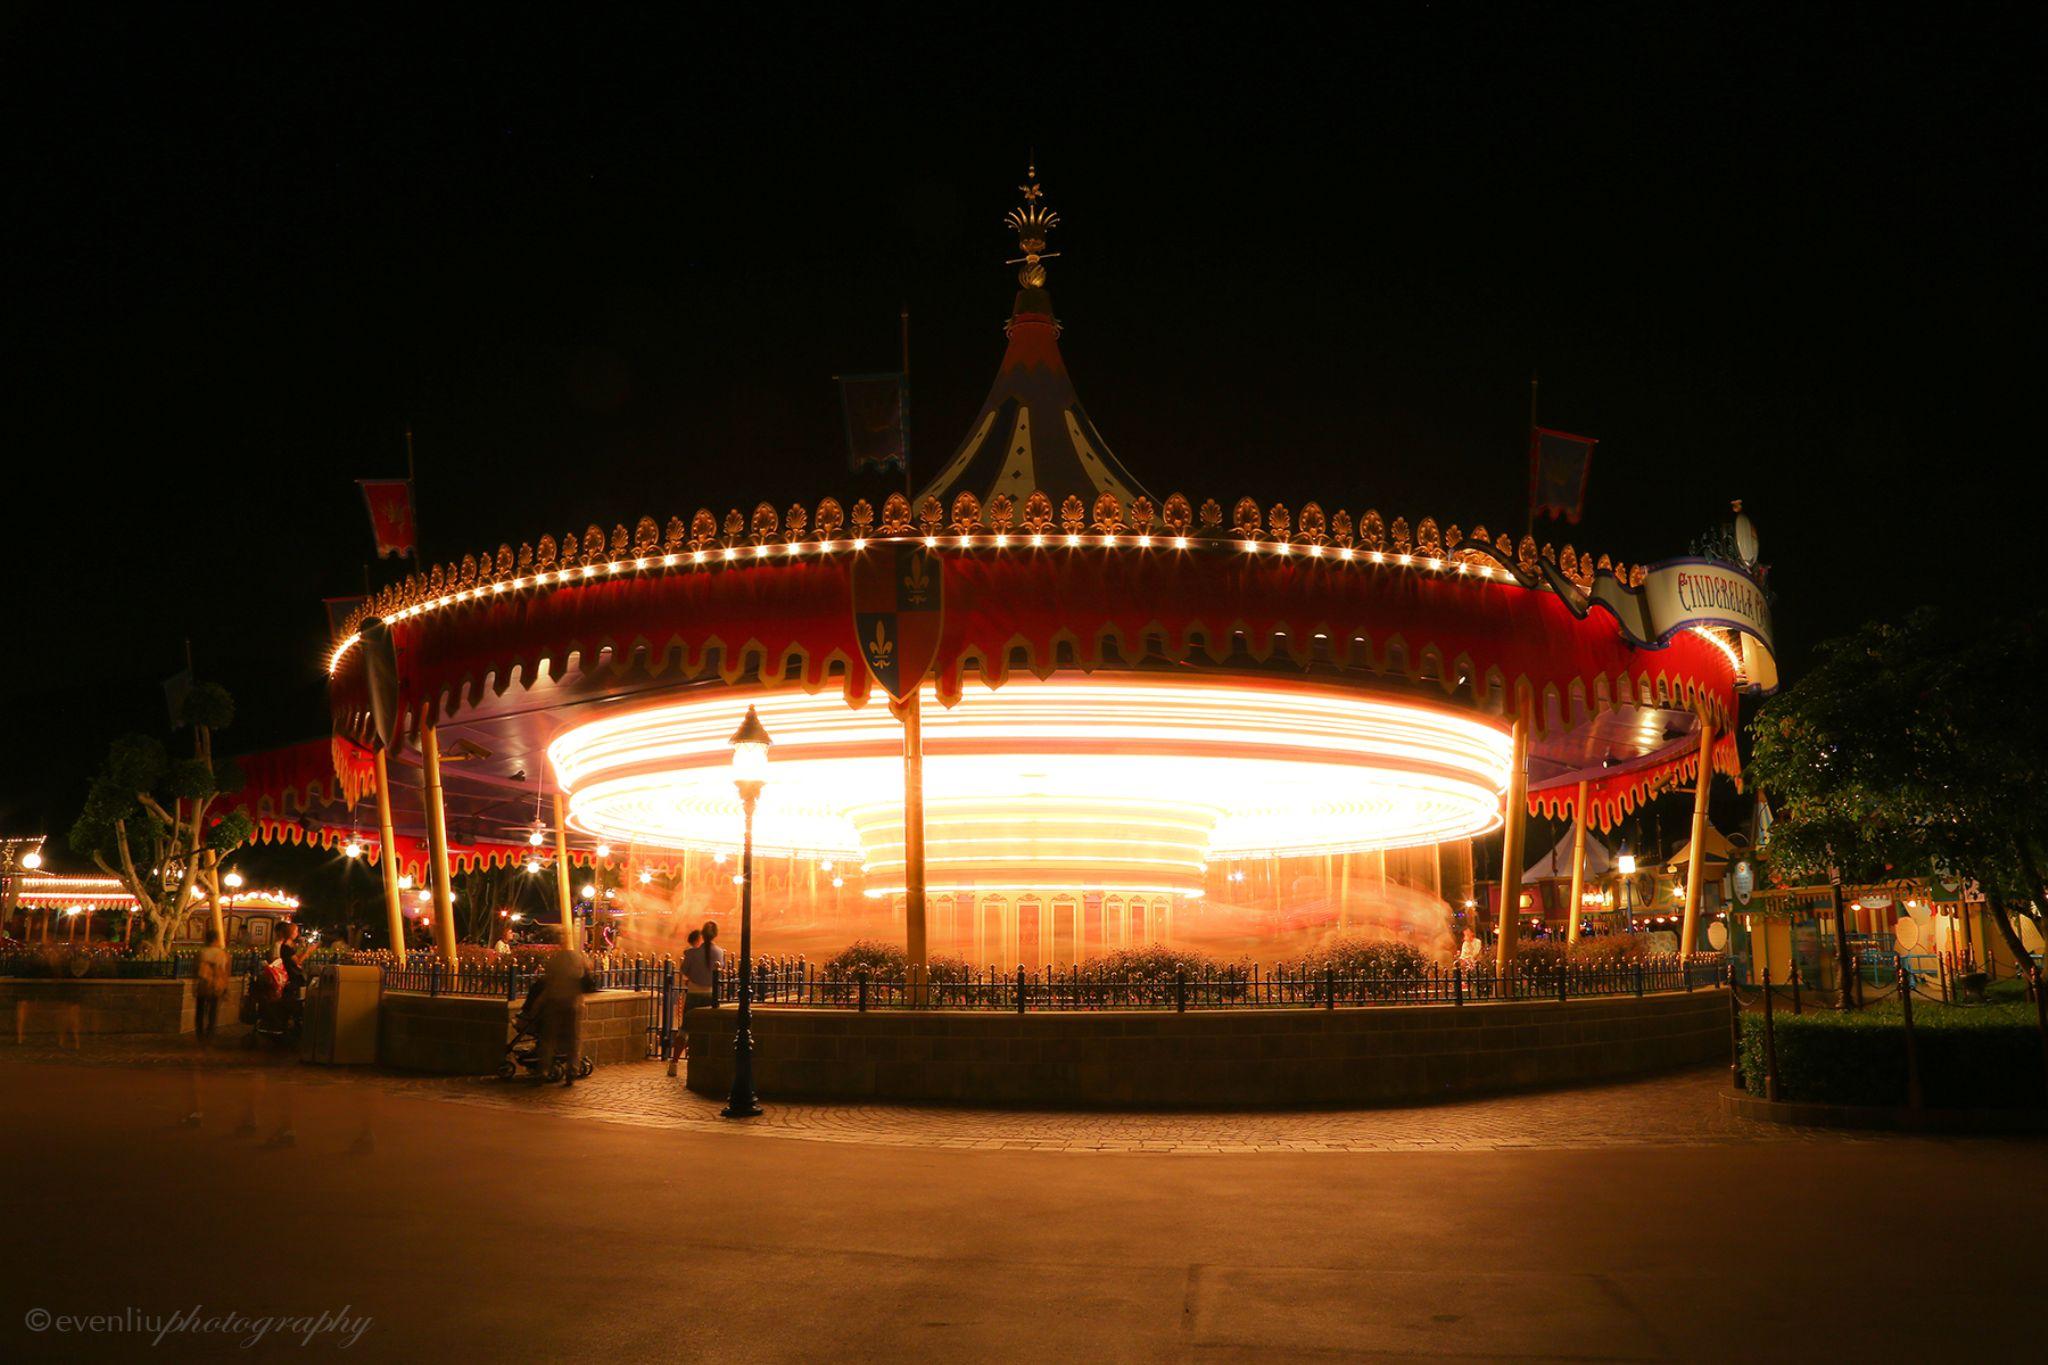 Carousel by EvenLiu